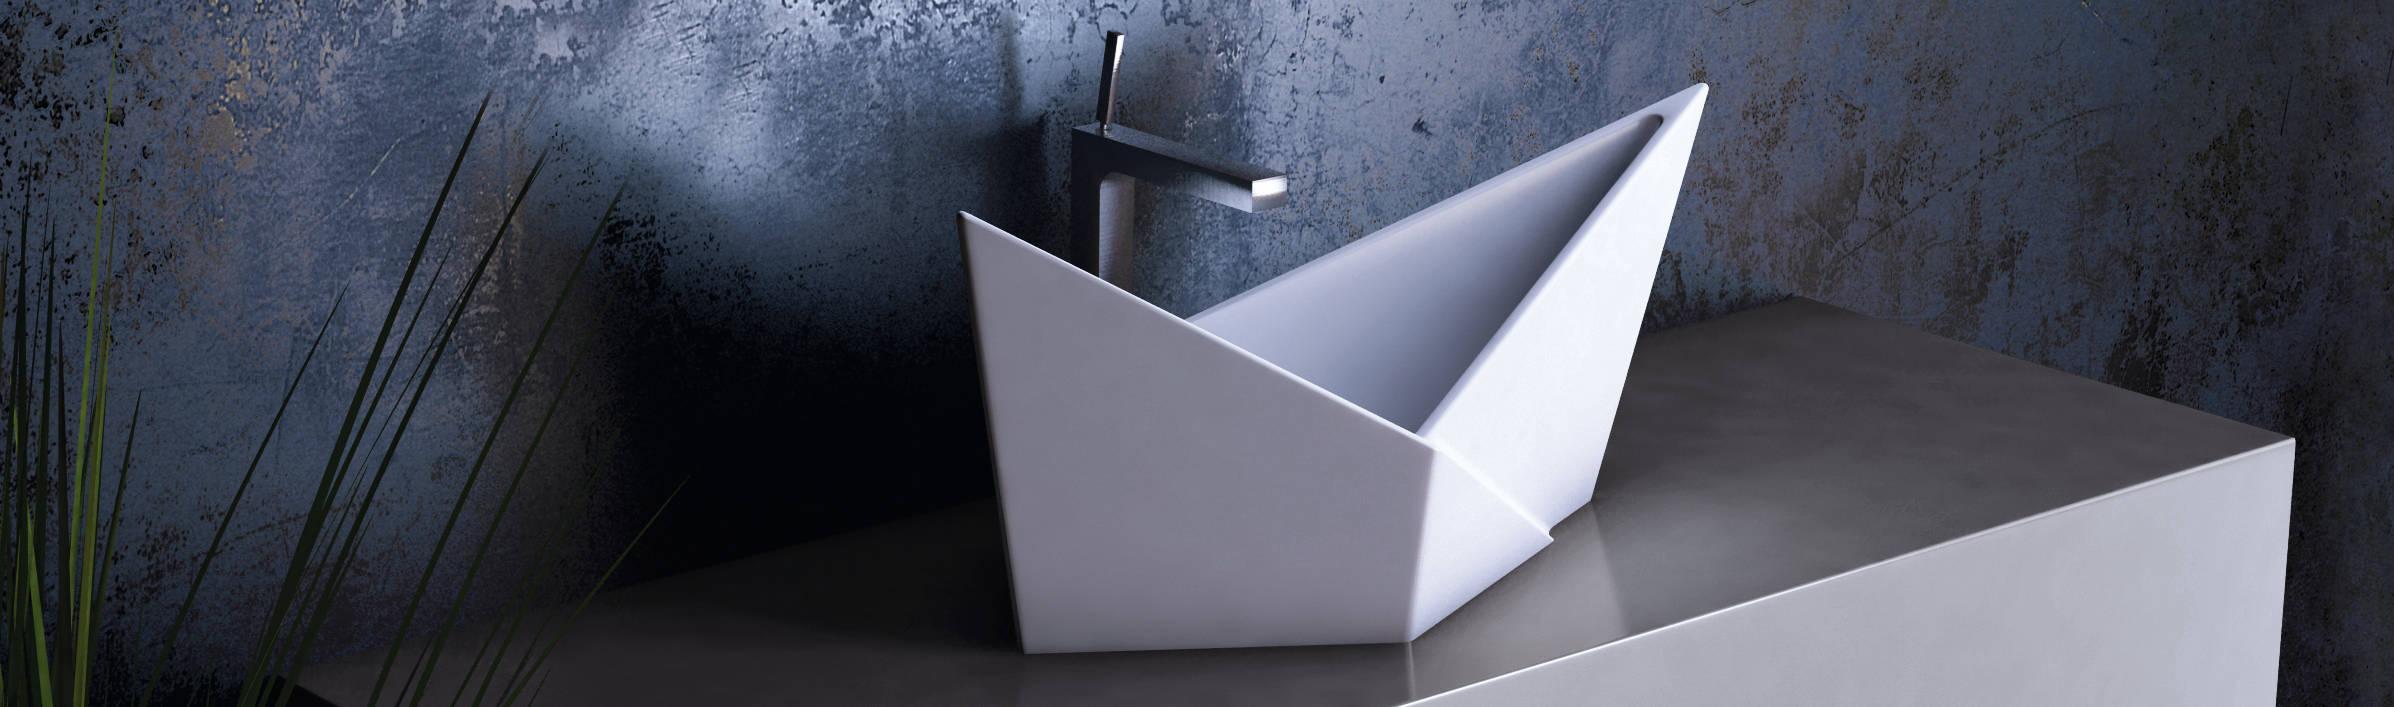 ZICCO GmbH – Waschbecken und Badewannen in Blankenfelde-Mahlow